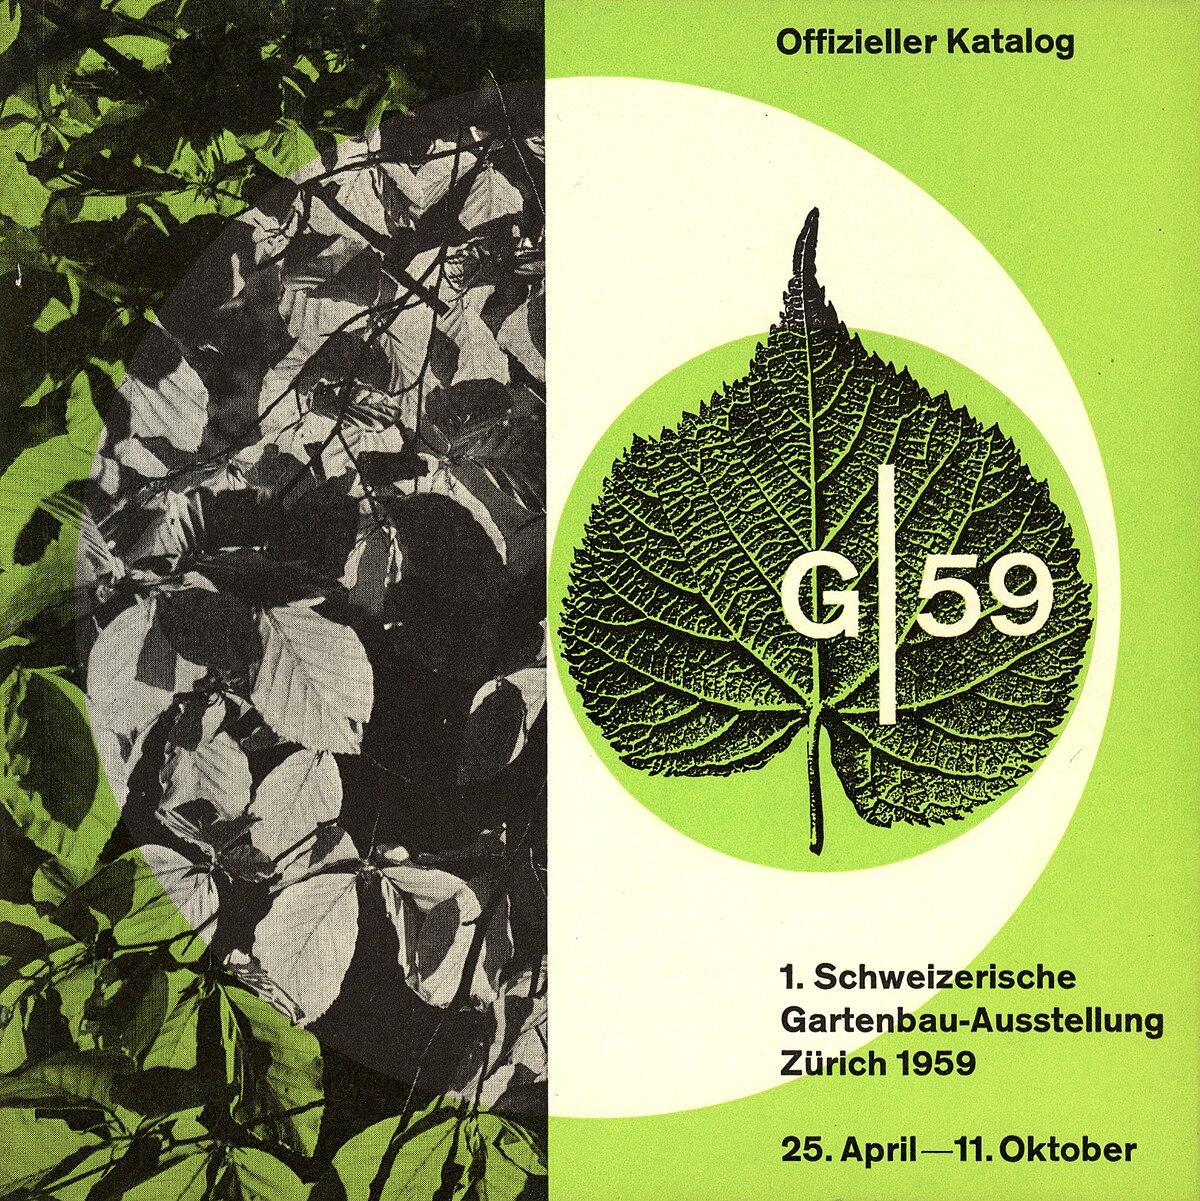 G59 - Woonkamer decor ideeën - kafkasfan club